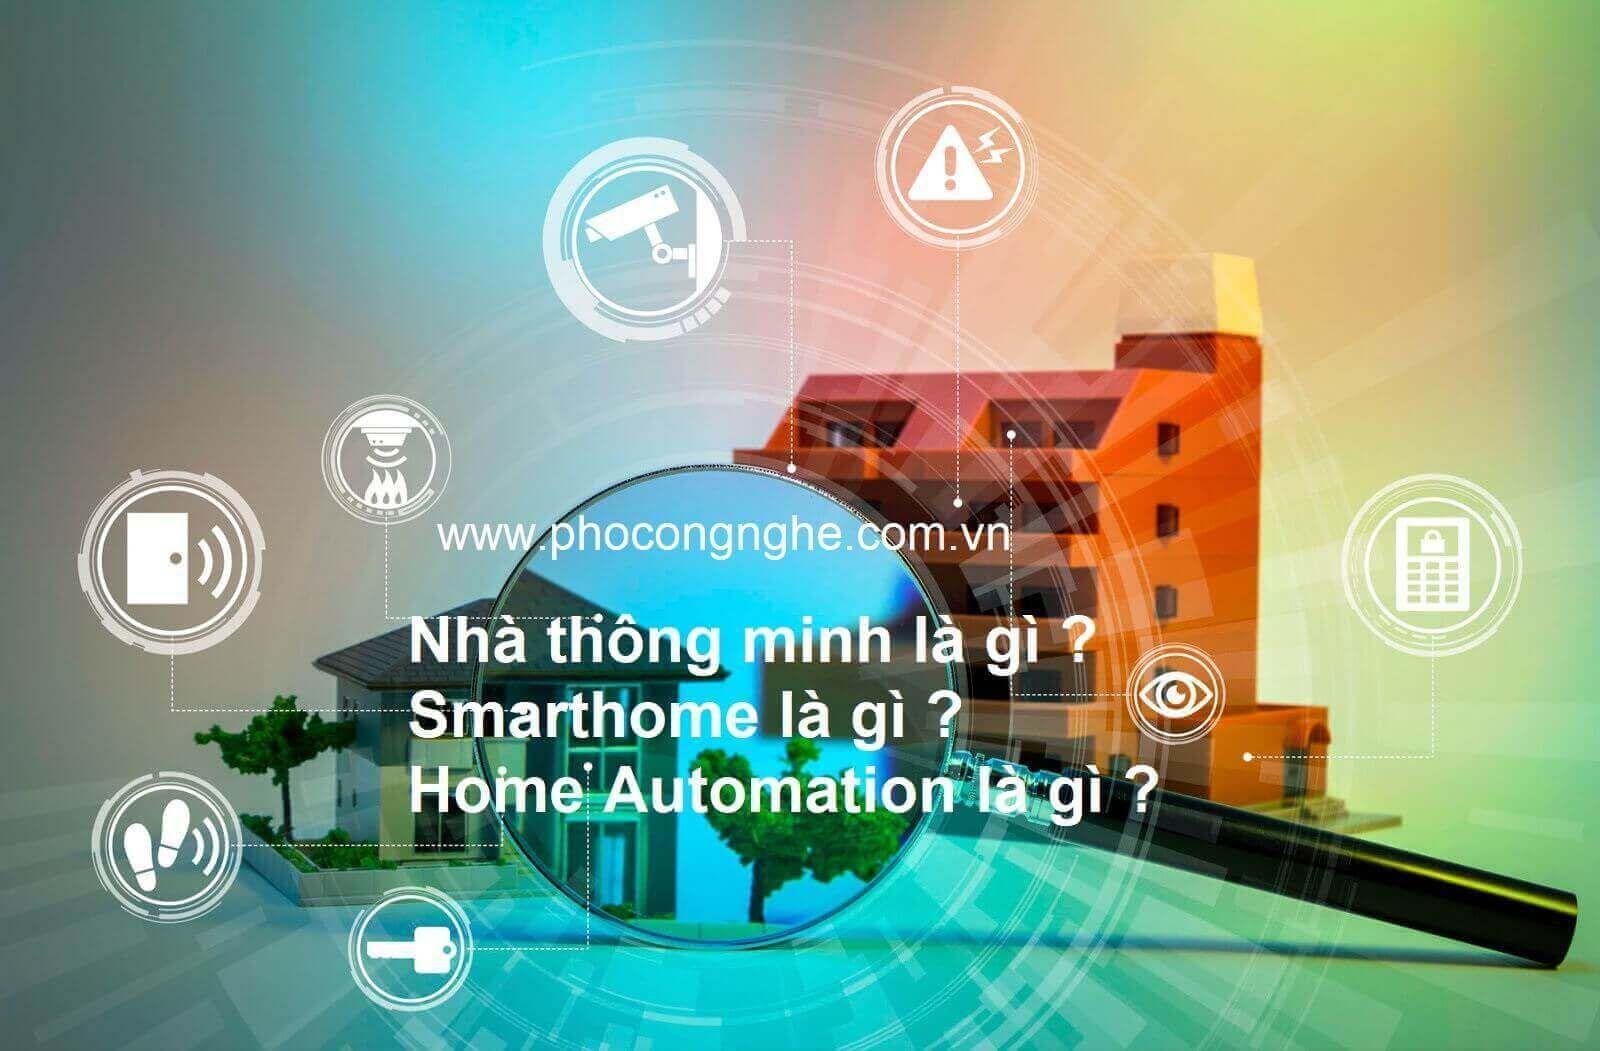 Nhà thông minh là gì ? Smarthome là gì ? Home Automation là gì ?